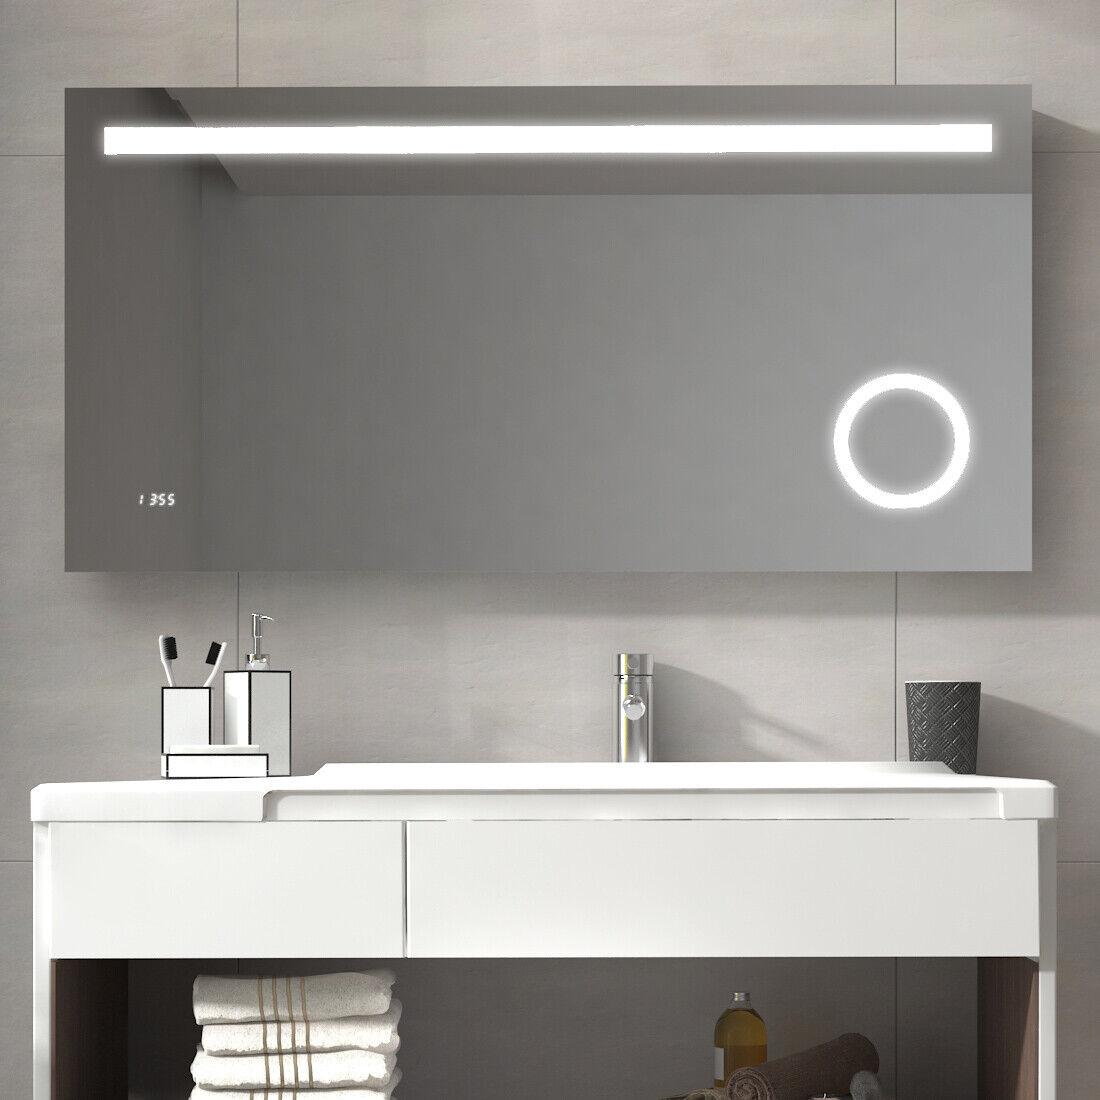 LED Badezimmerspiegel mit Beleuchtung 120x60 Badspiegel mit uhr, SCHMINKSPIEGEL